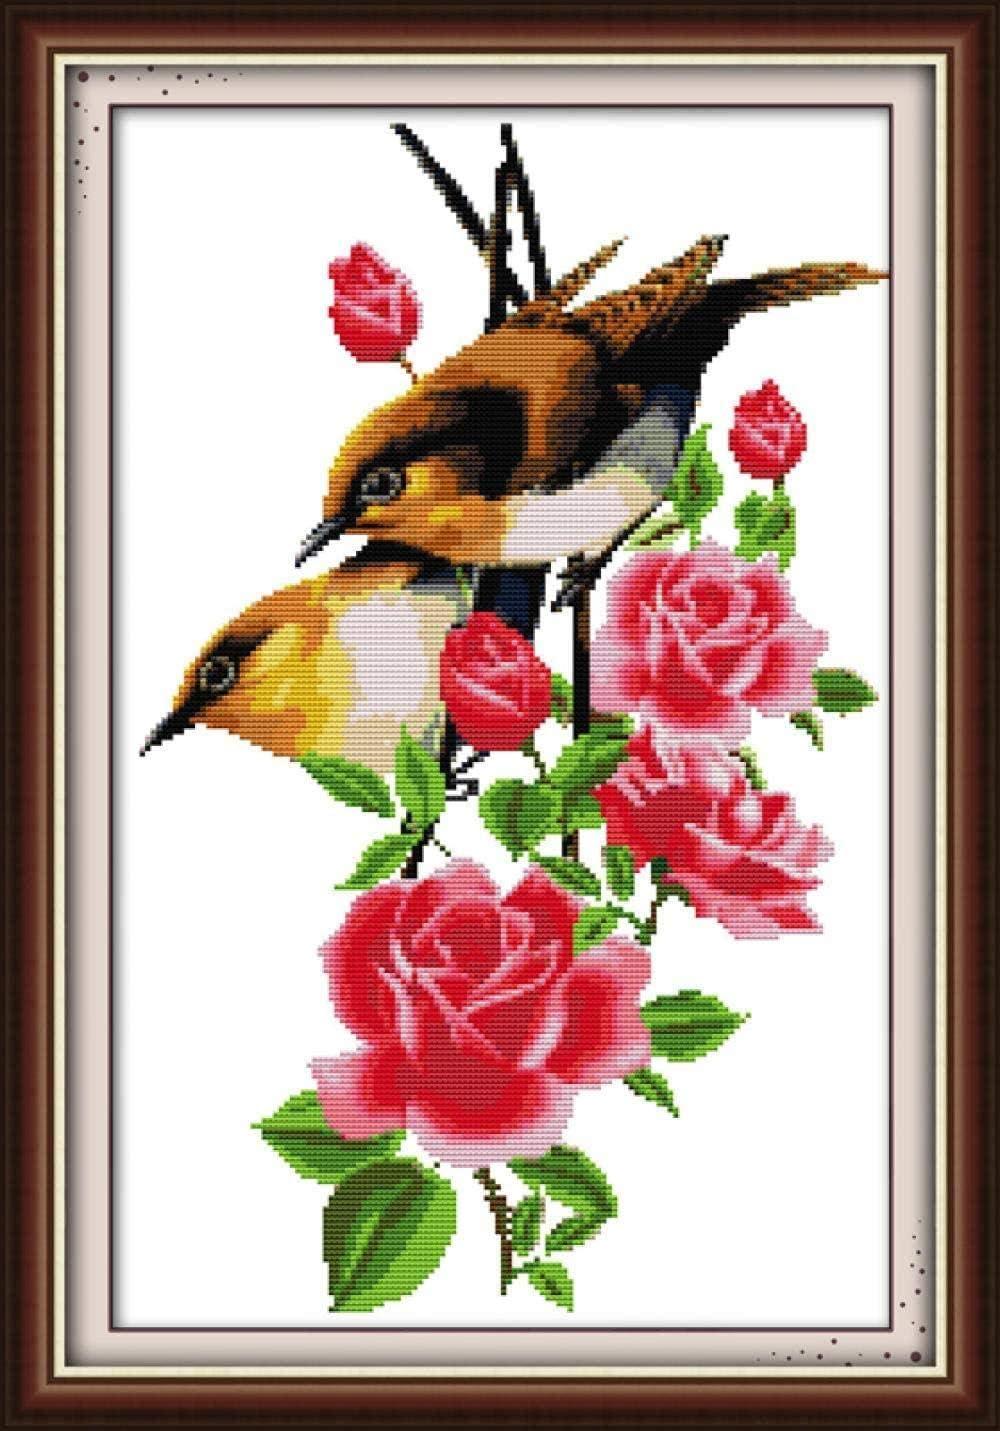 11CT Tela prestampata HXYA Kit Punto Croce per Adulti Uccelli sul Ramo Kit Fai da Te per Punto Croce Ricamo per Principianti per la Decorazione Domestica